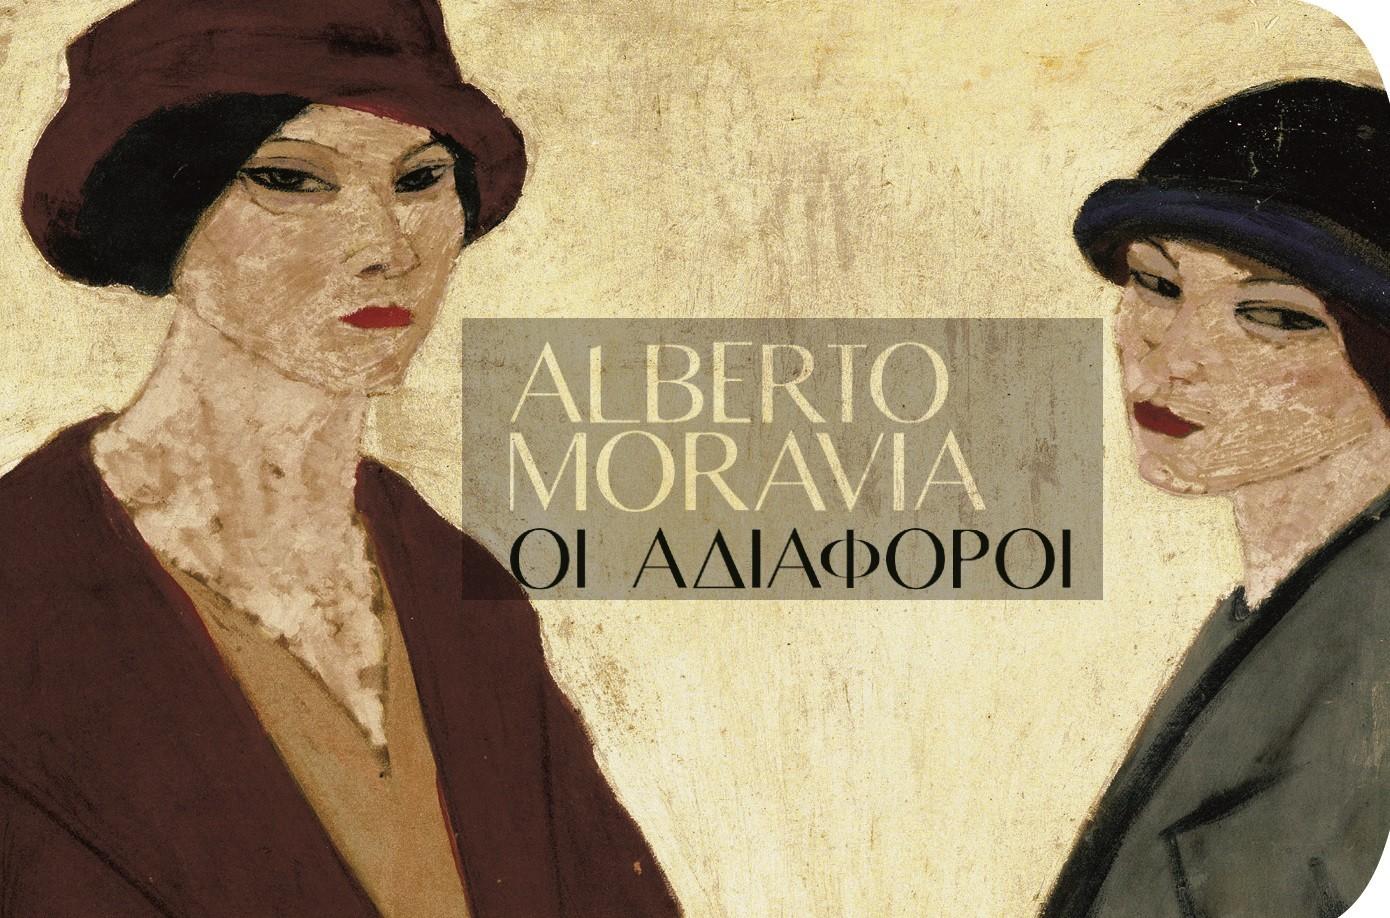 Το παρασκήνιο του  μυθιστορήματος «Οι Αδιάφοροι» του Αλμπέρτο Μοράβια, που έστρωσε το δρόμο για τον Καμύ και τον Σαρτρ. Η καταγγελία για την απάθεια της αστικής τάξης, που επικύρωσε το φασισμό.